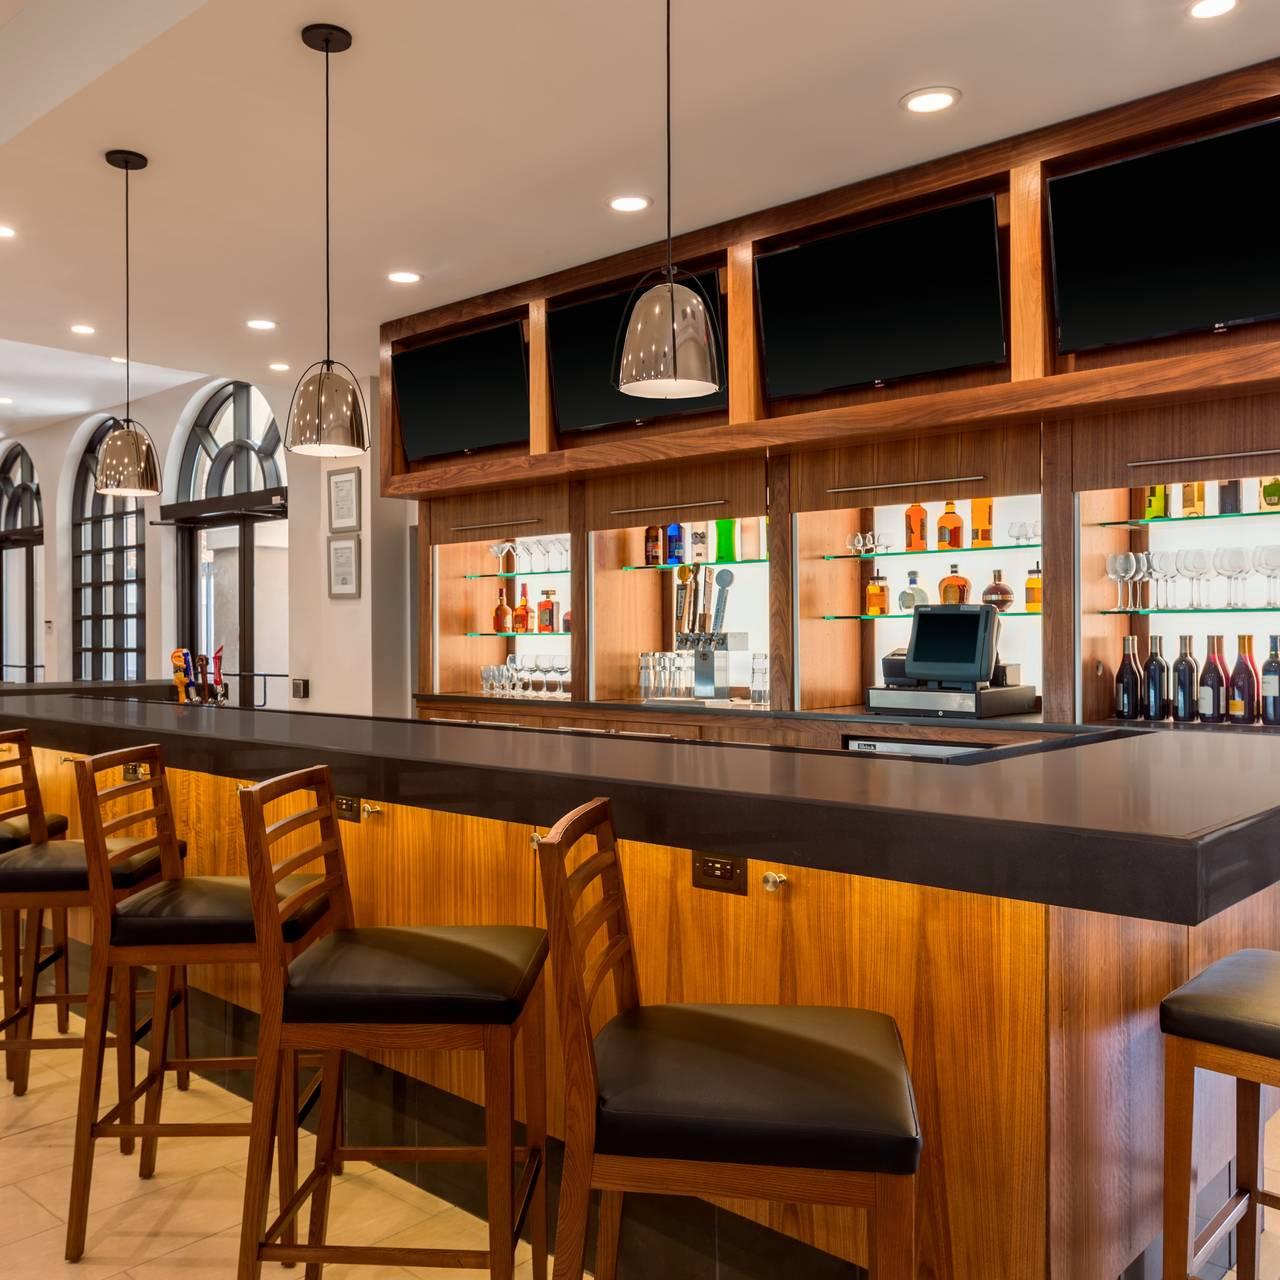 Craft 670 - Embassy Suites Greenville Restaurant - Greenville, SC ...